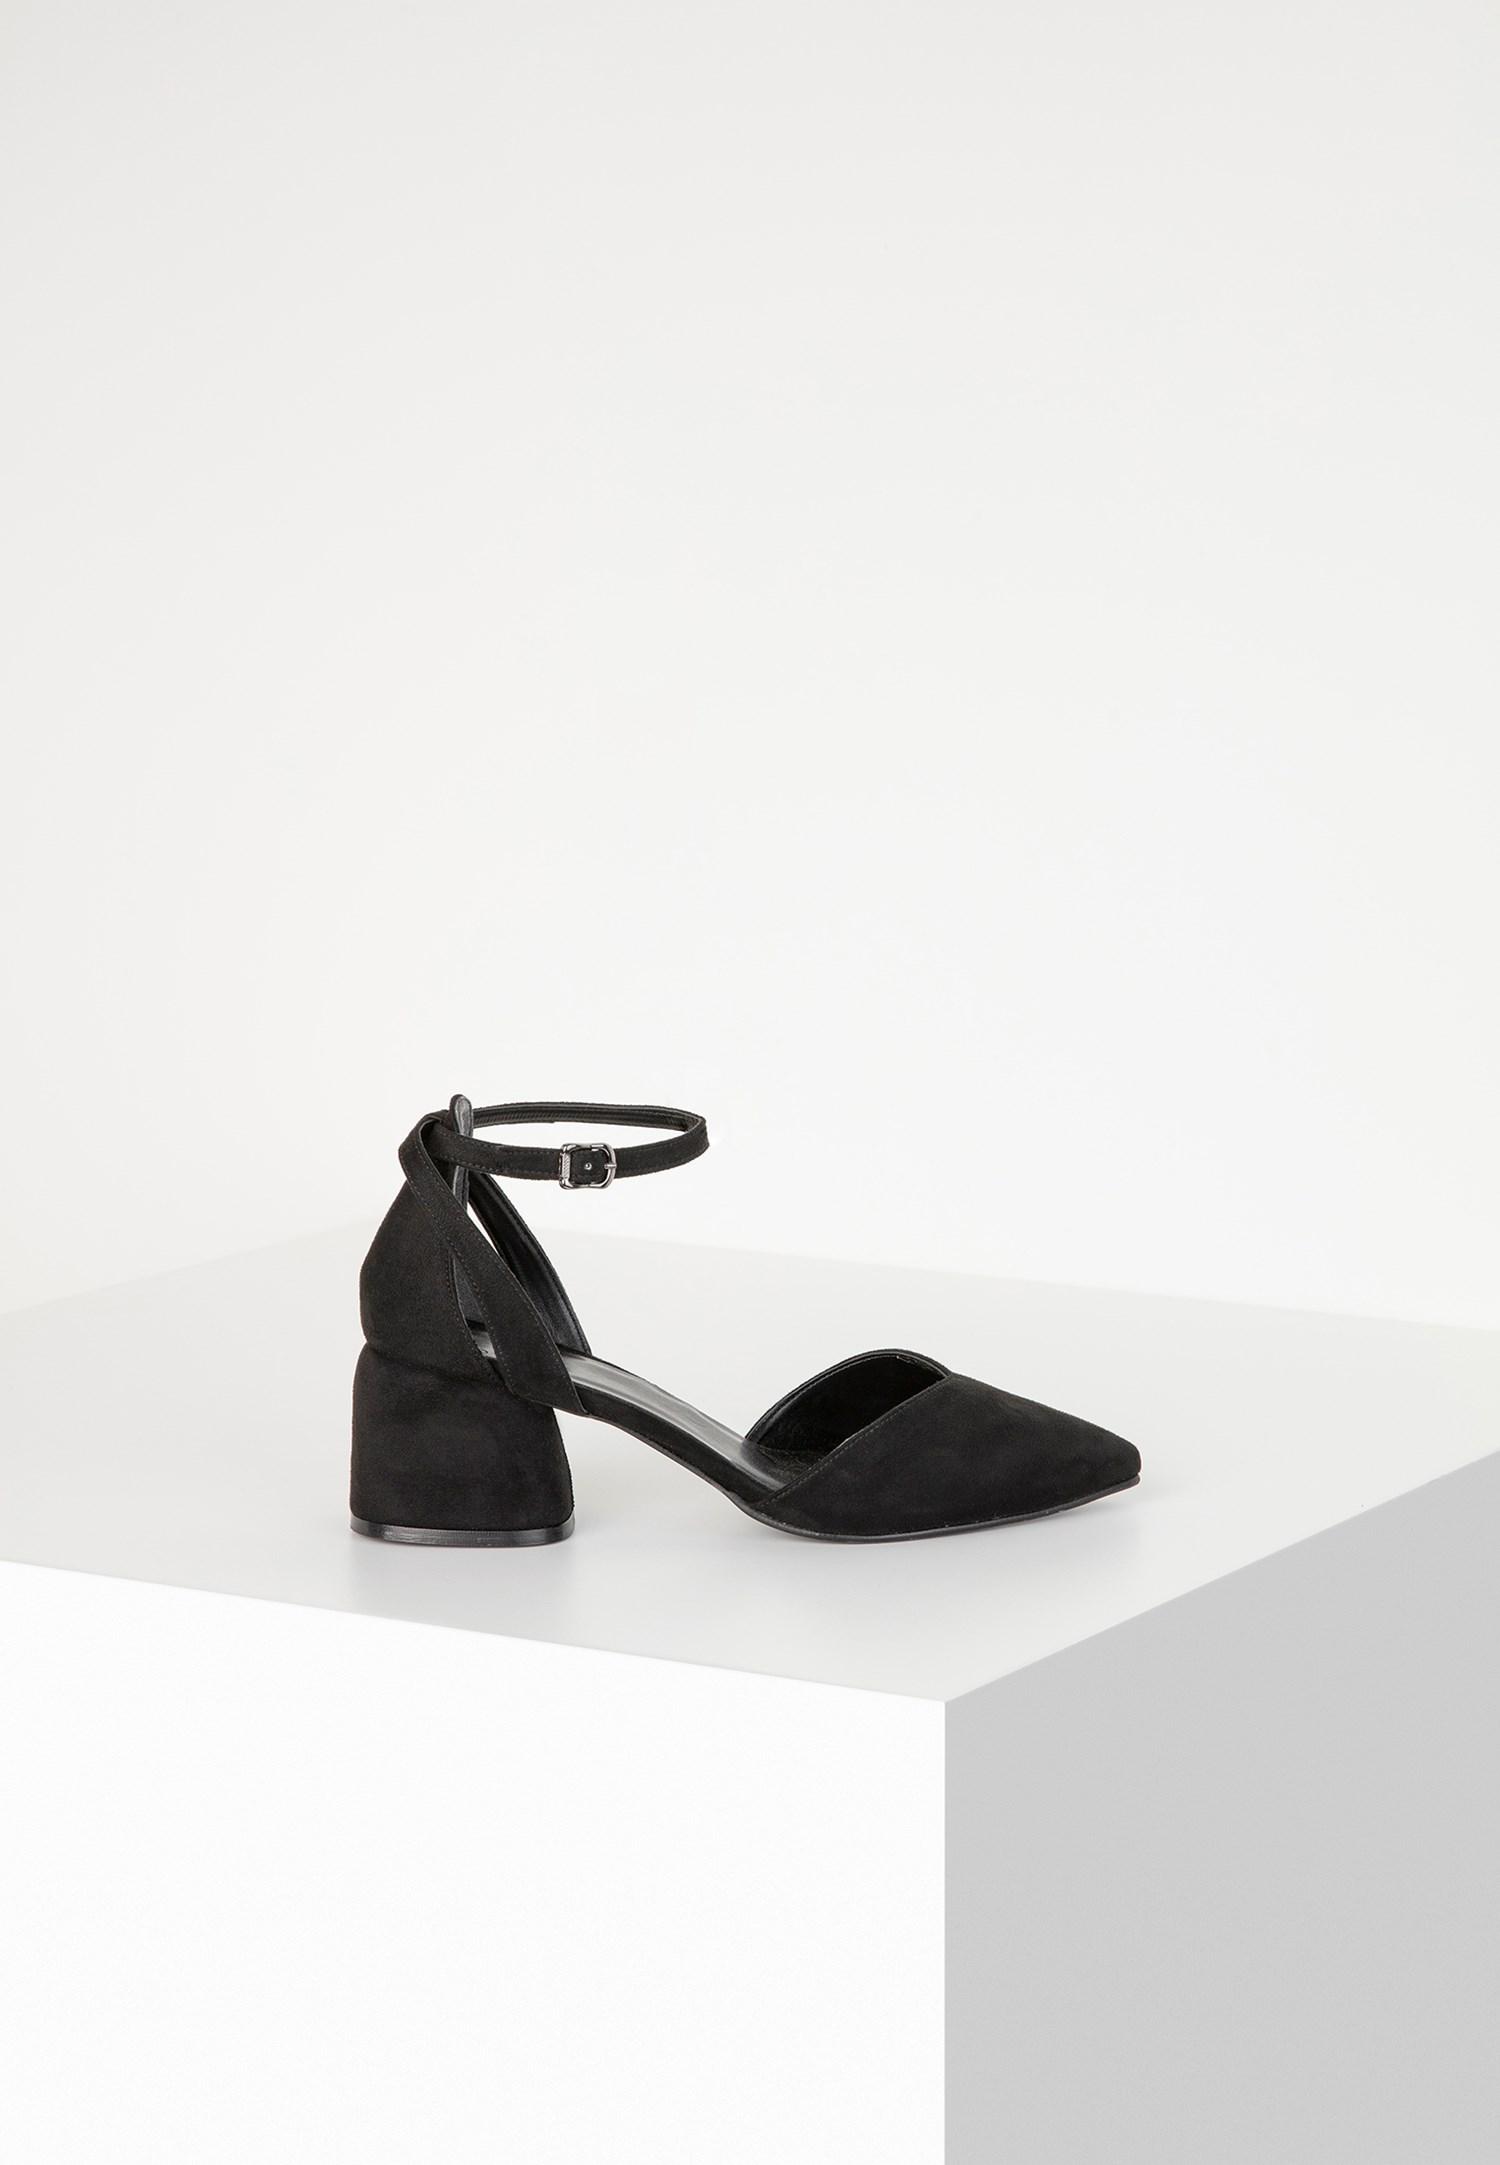 Bayan Siyah Topuklu Ayakkabı